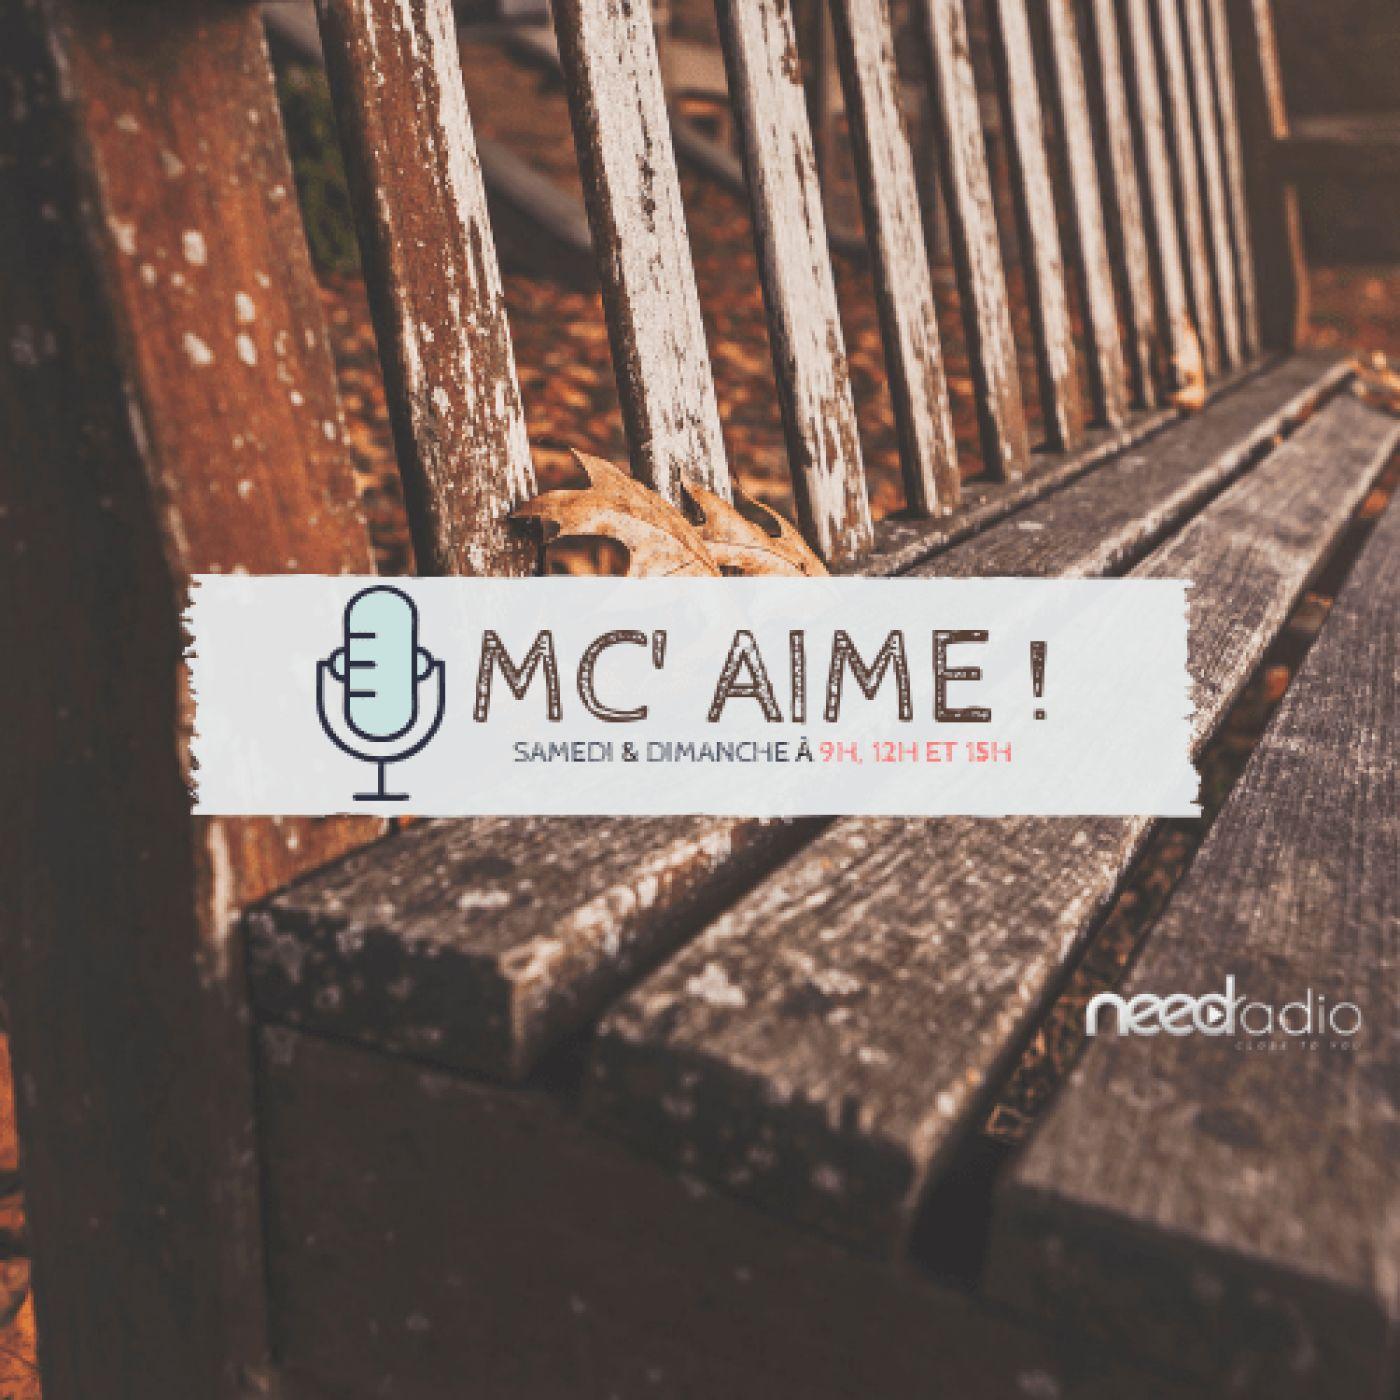 MC' Aime - L'Histoire silencieuse des sourds au Panthéon (22/06/19)